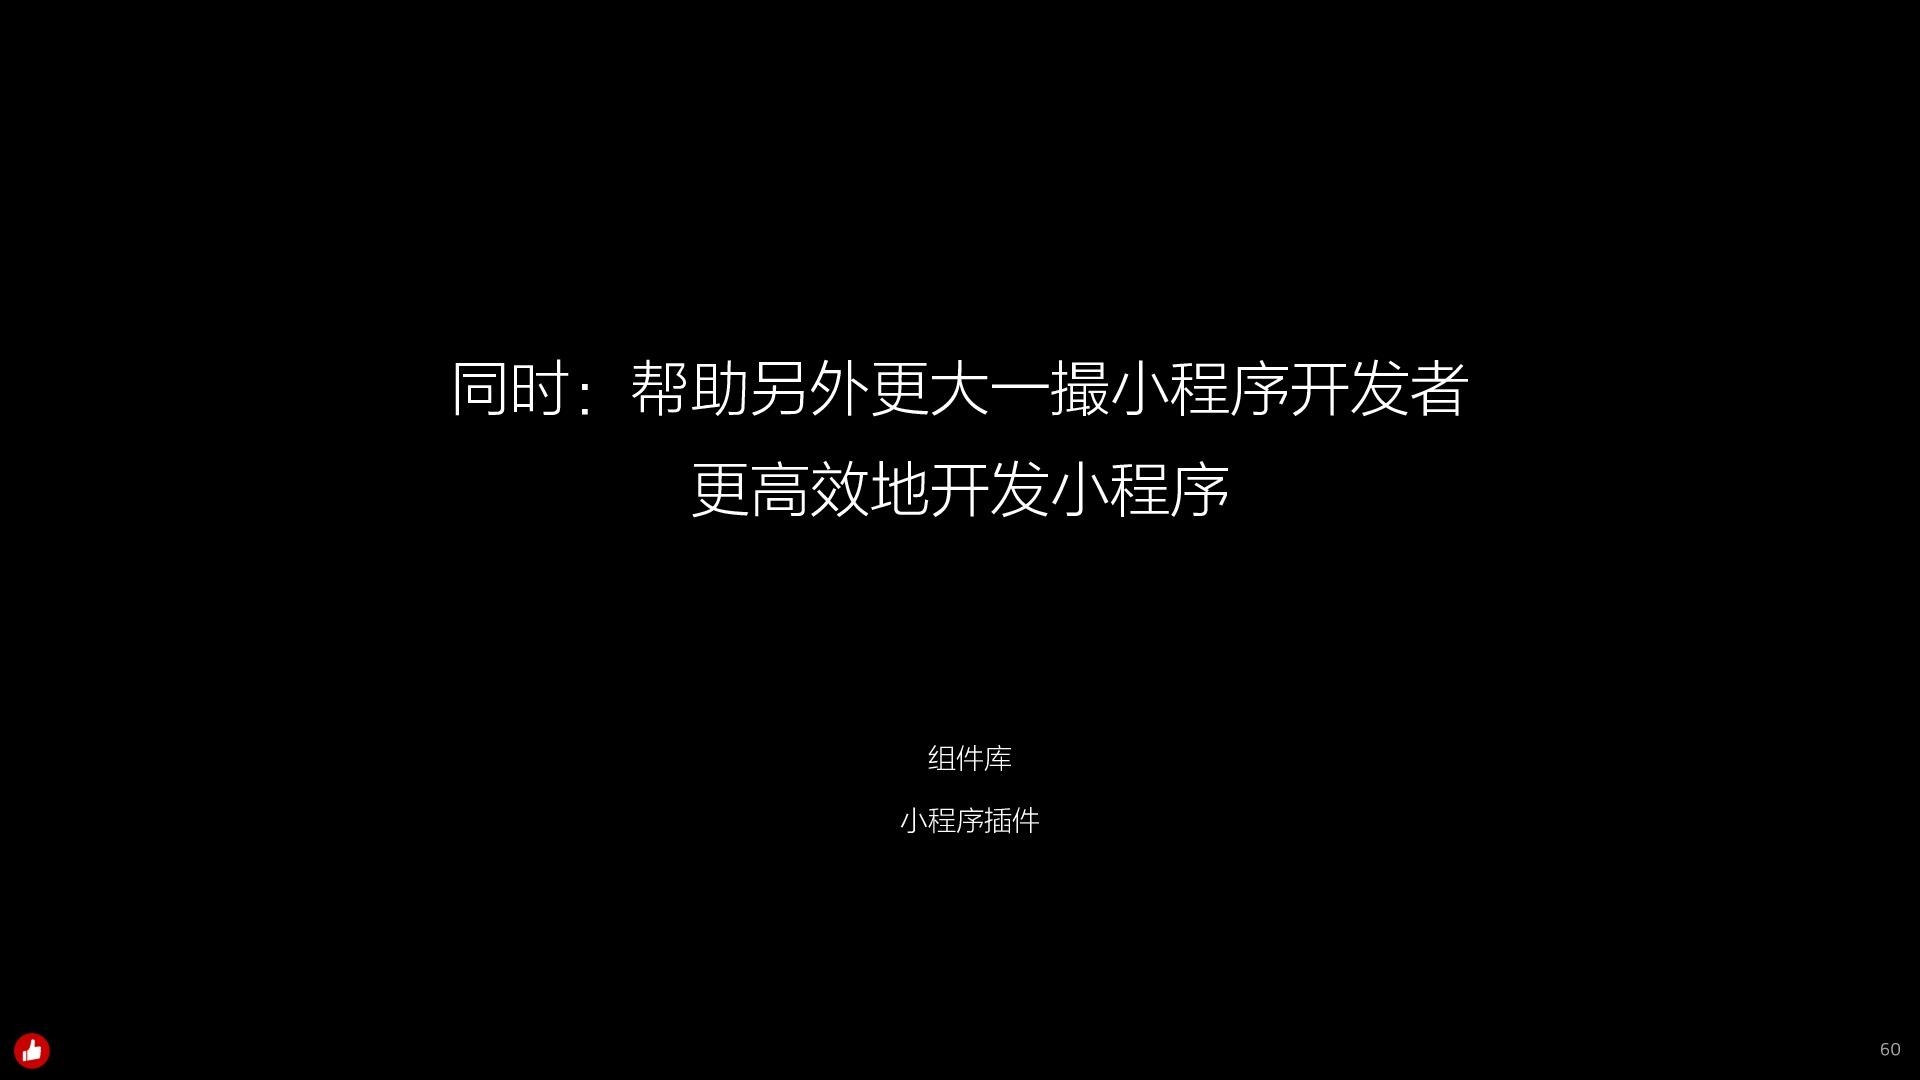 https://opentalk-blog.b0.upaiyun.com/prod/2018-11-26/632a6ec46466d4560ccf2a419b28eee2